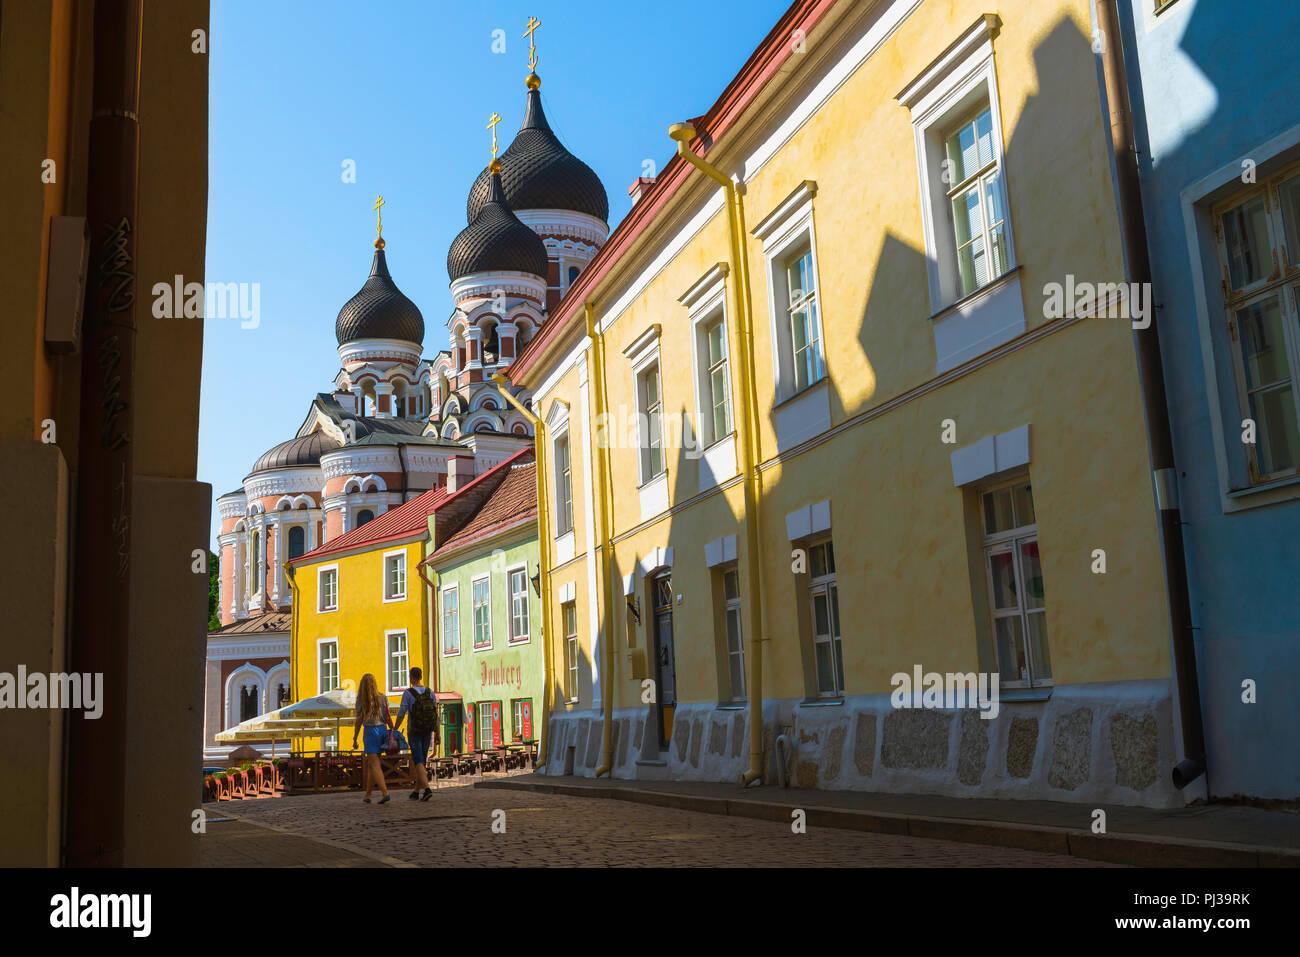 I giovani viaggiano, vista in estate di due giovani a piedi lungo una strada colorata sulla collina di Toompea a Tallinn in Estonia. Immagini Stock